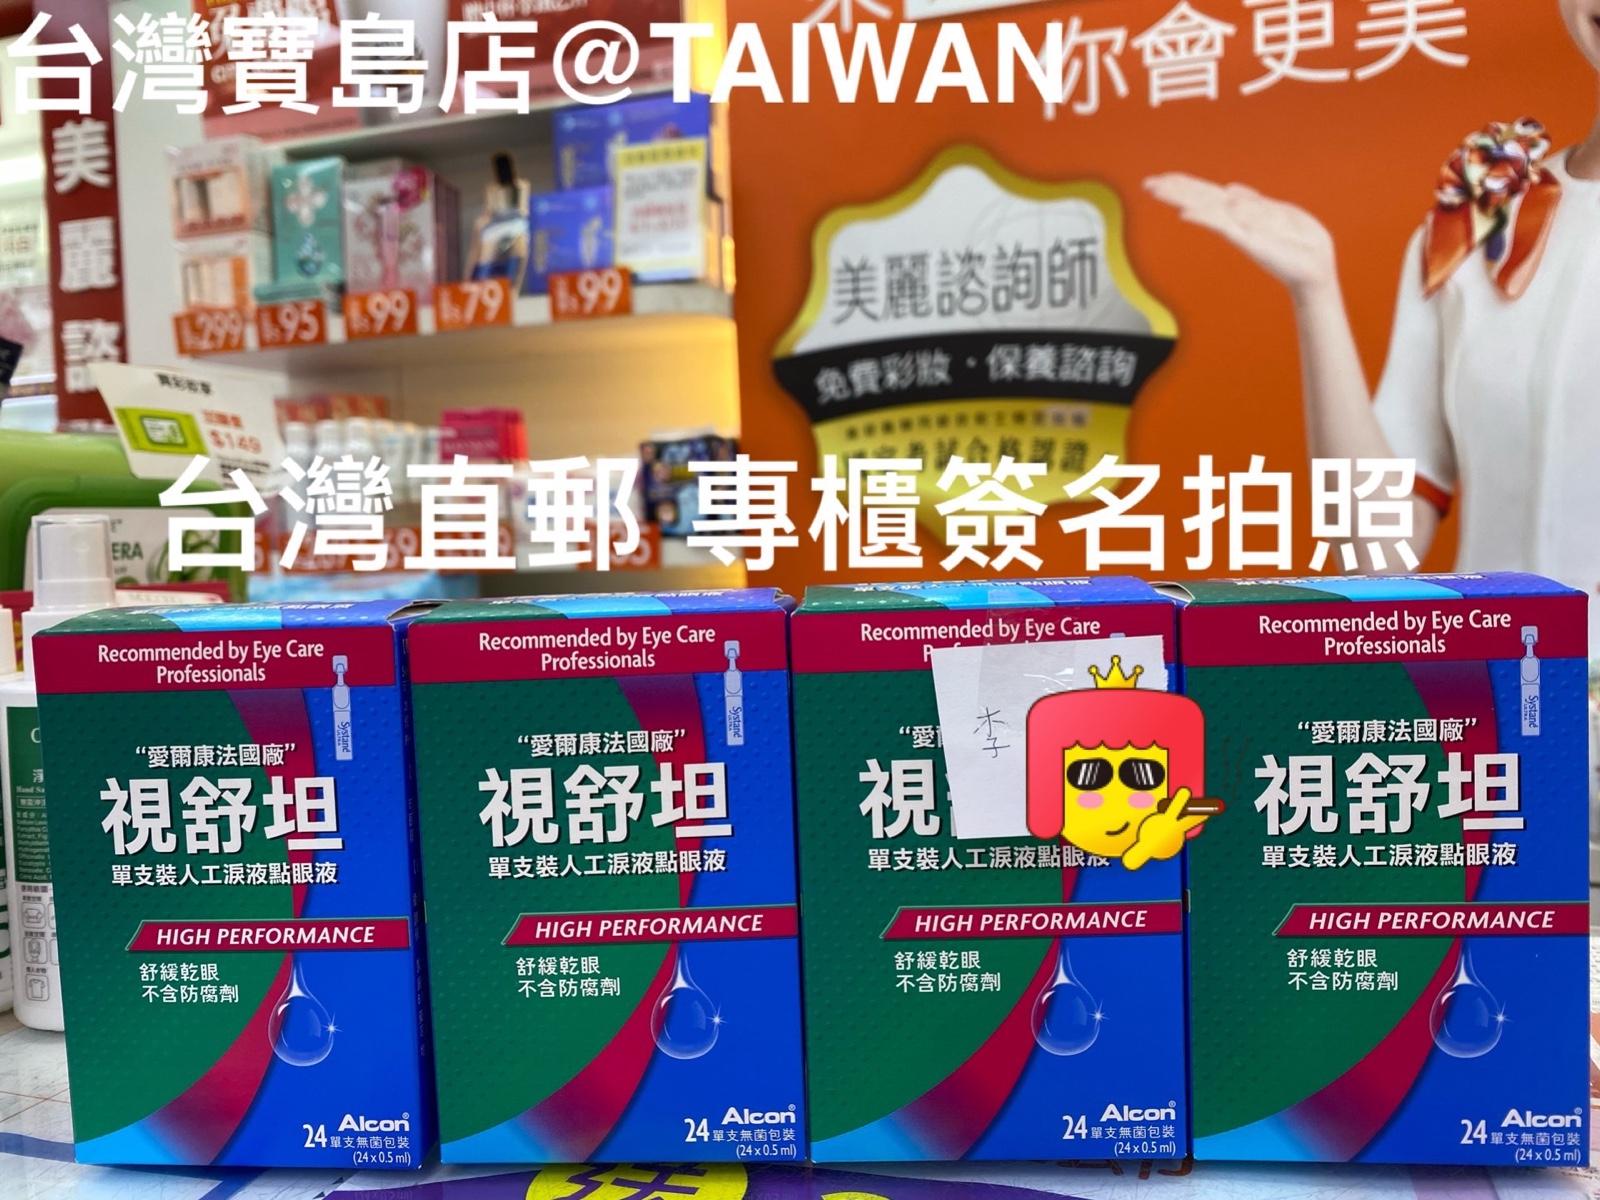 Đài Loan Thư trực tiếp gốc Alcon Thuốc nhỏ mắt 24 giọt 0,5ml [Cửa hàng của chúng tôi Bất kỳ 4 mặt hàng - Thuốc nhỏ mắt